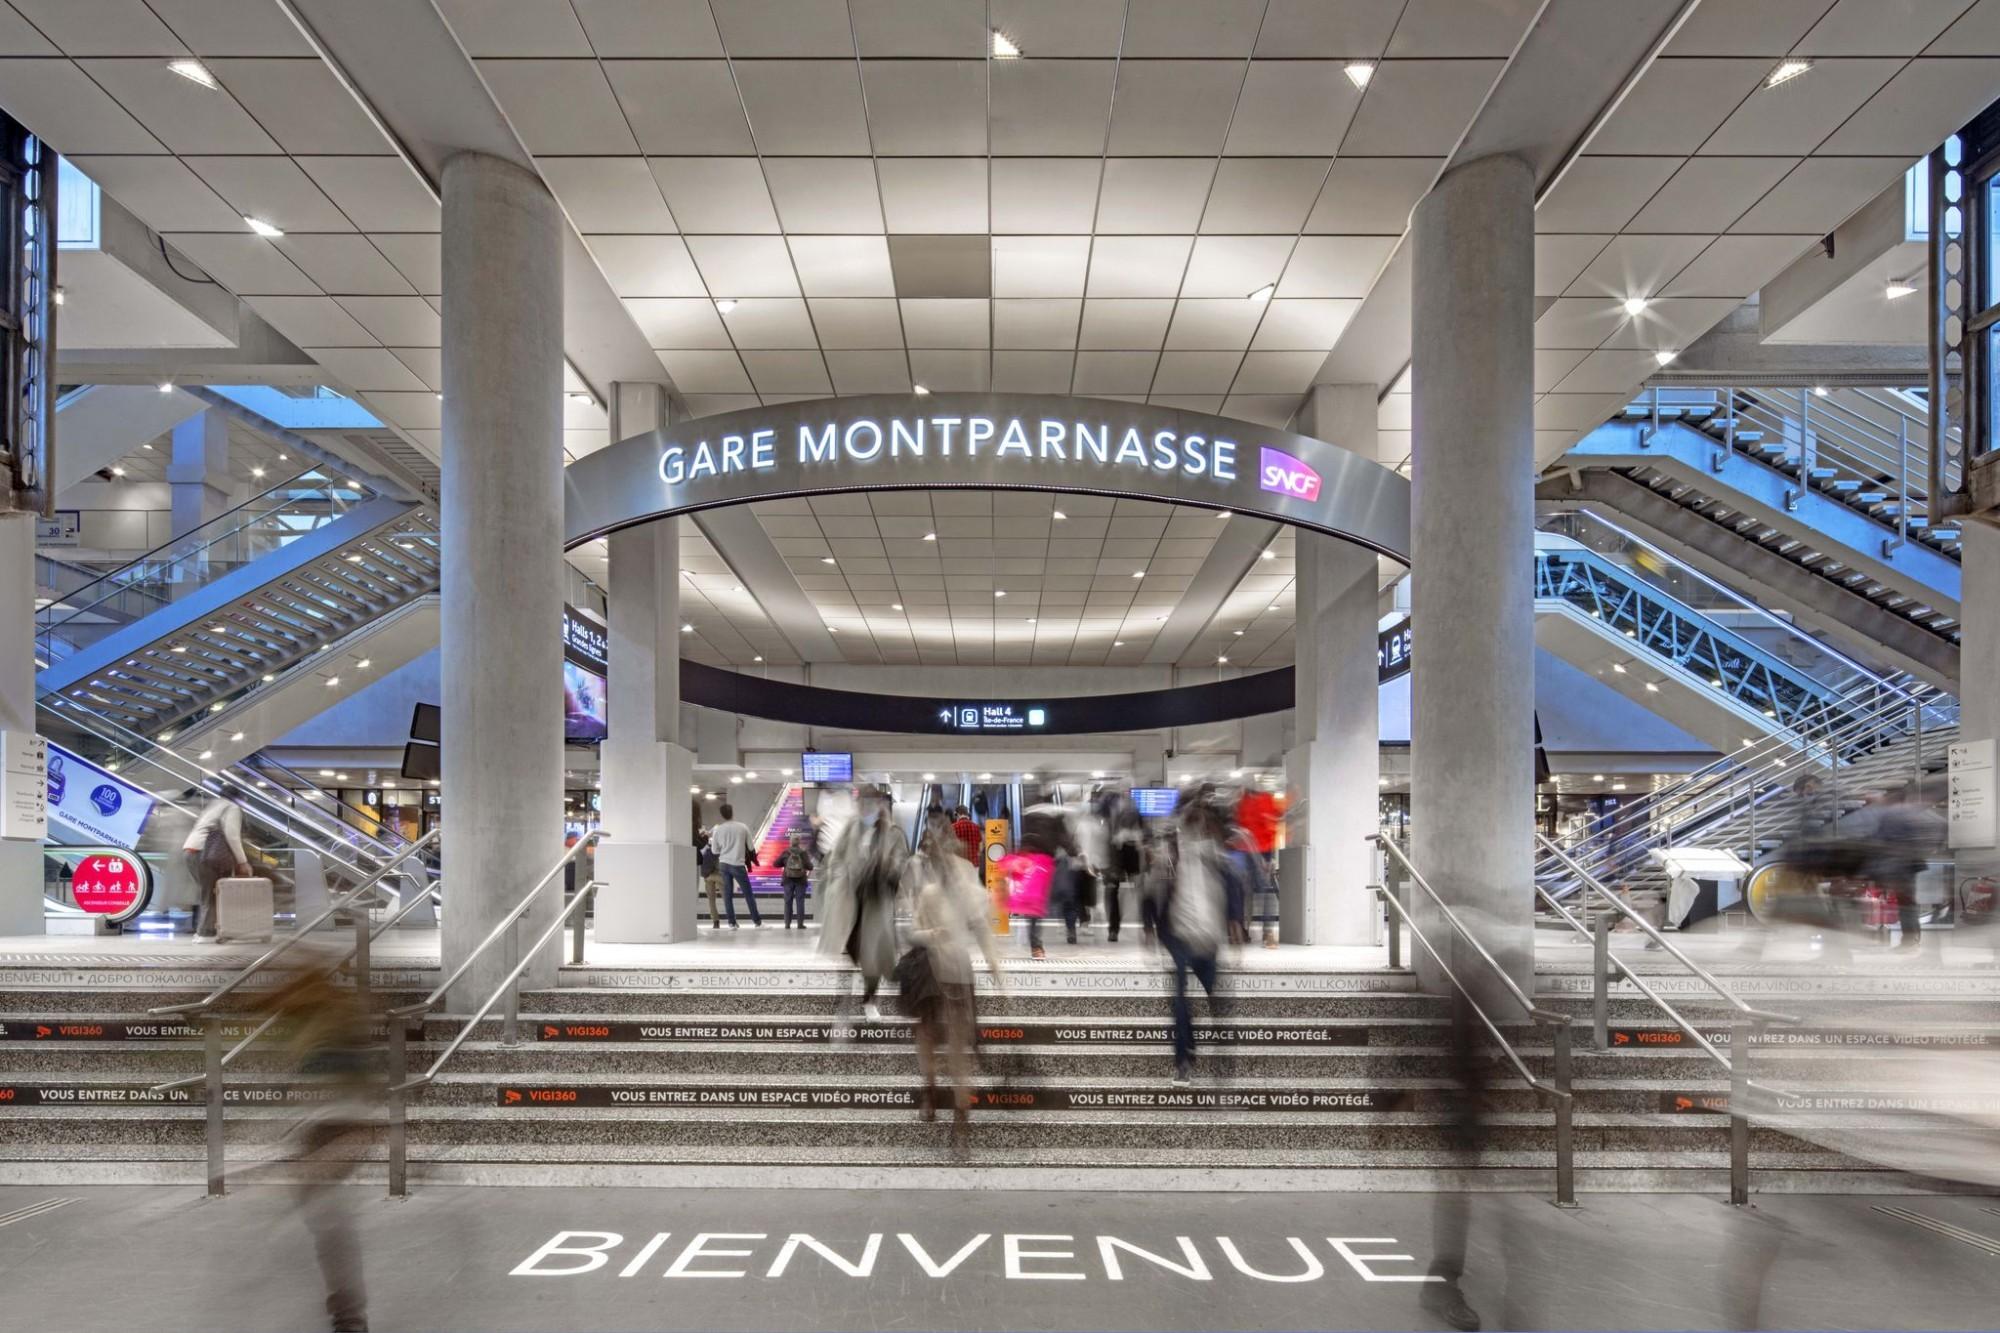 Entrée de la gare de Montparnasse.